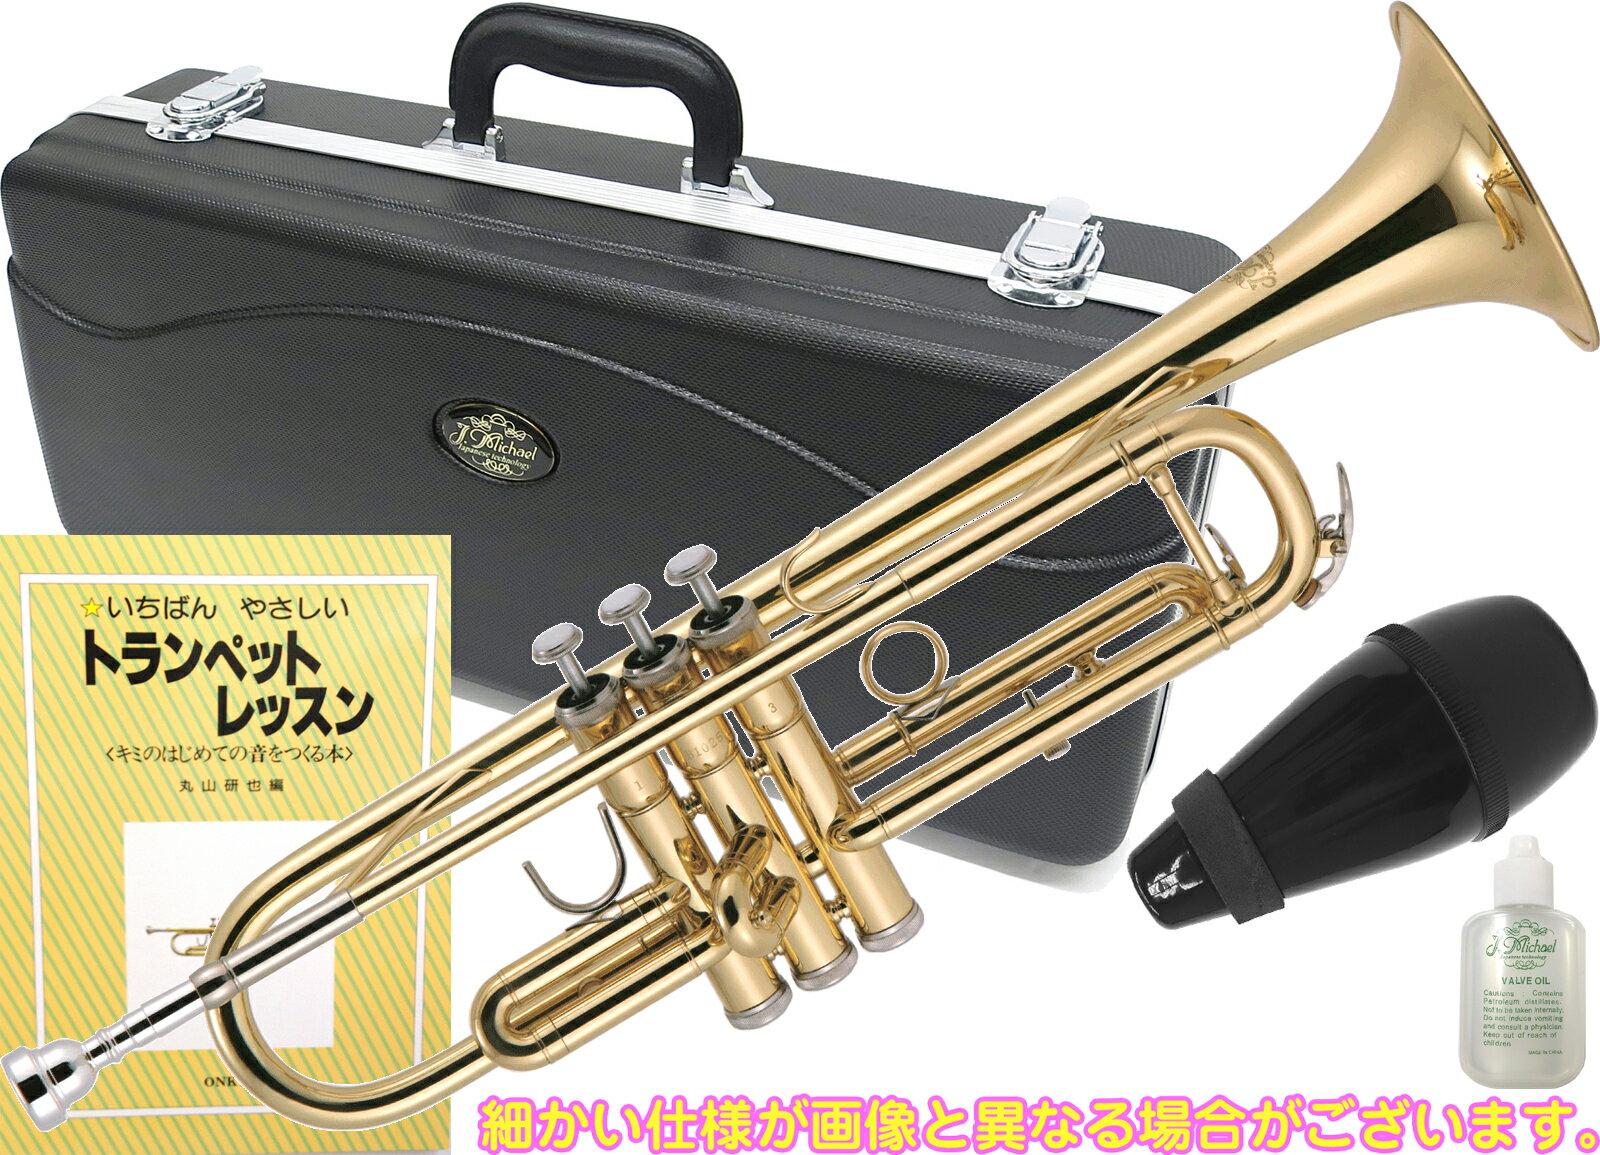 トランペット サイレンサー付き セット TR-200 新品 アウトレット J.Michael Trumpet Gold 初心者 おすすめ 送料無料(条件付) 楽器 本体 運指表 ケース マウスピース バルブオイル ミュート 教本付き